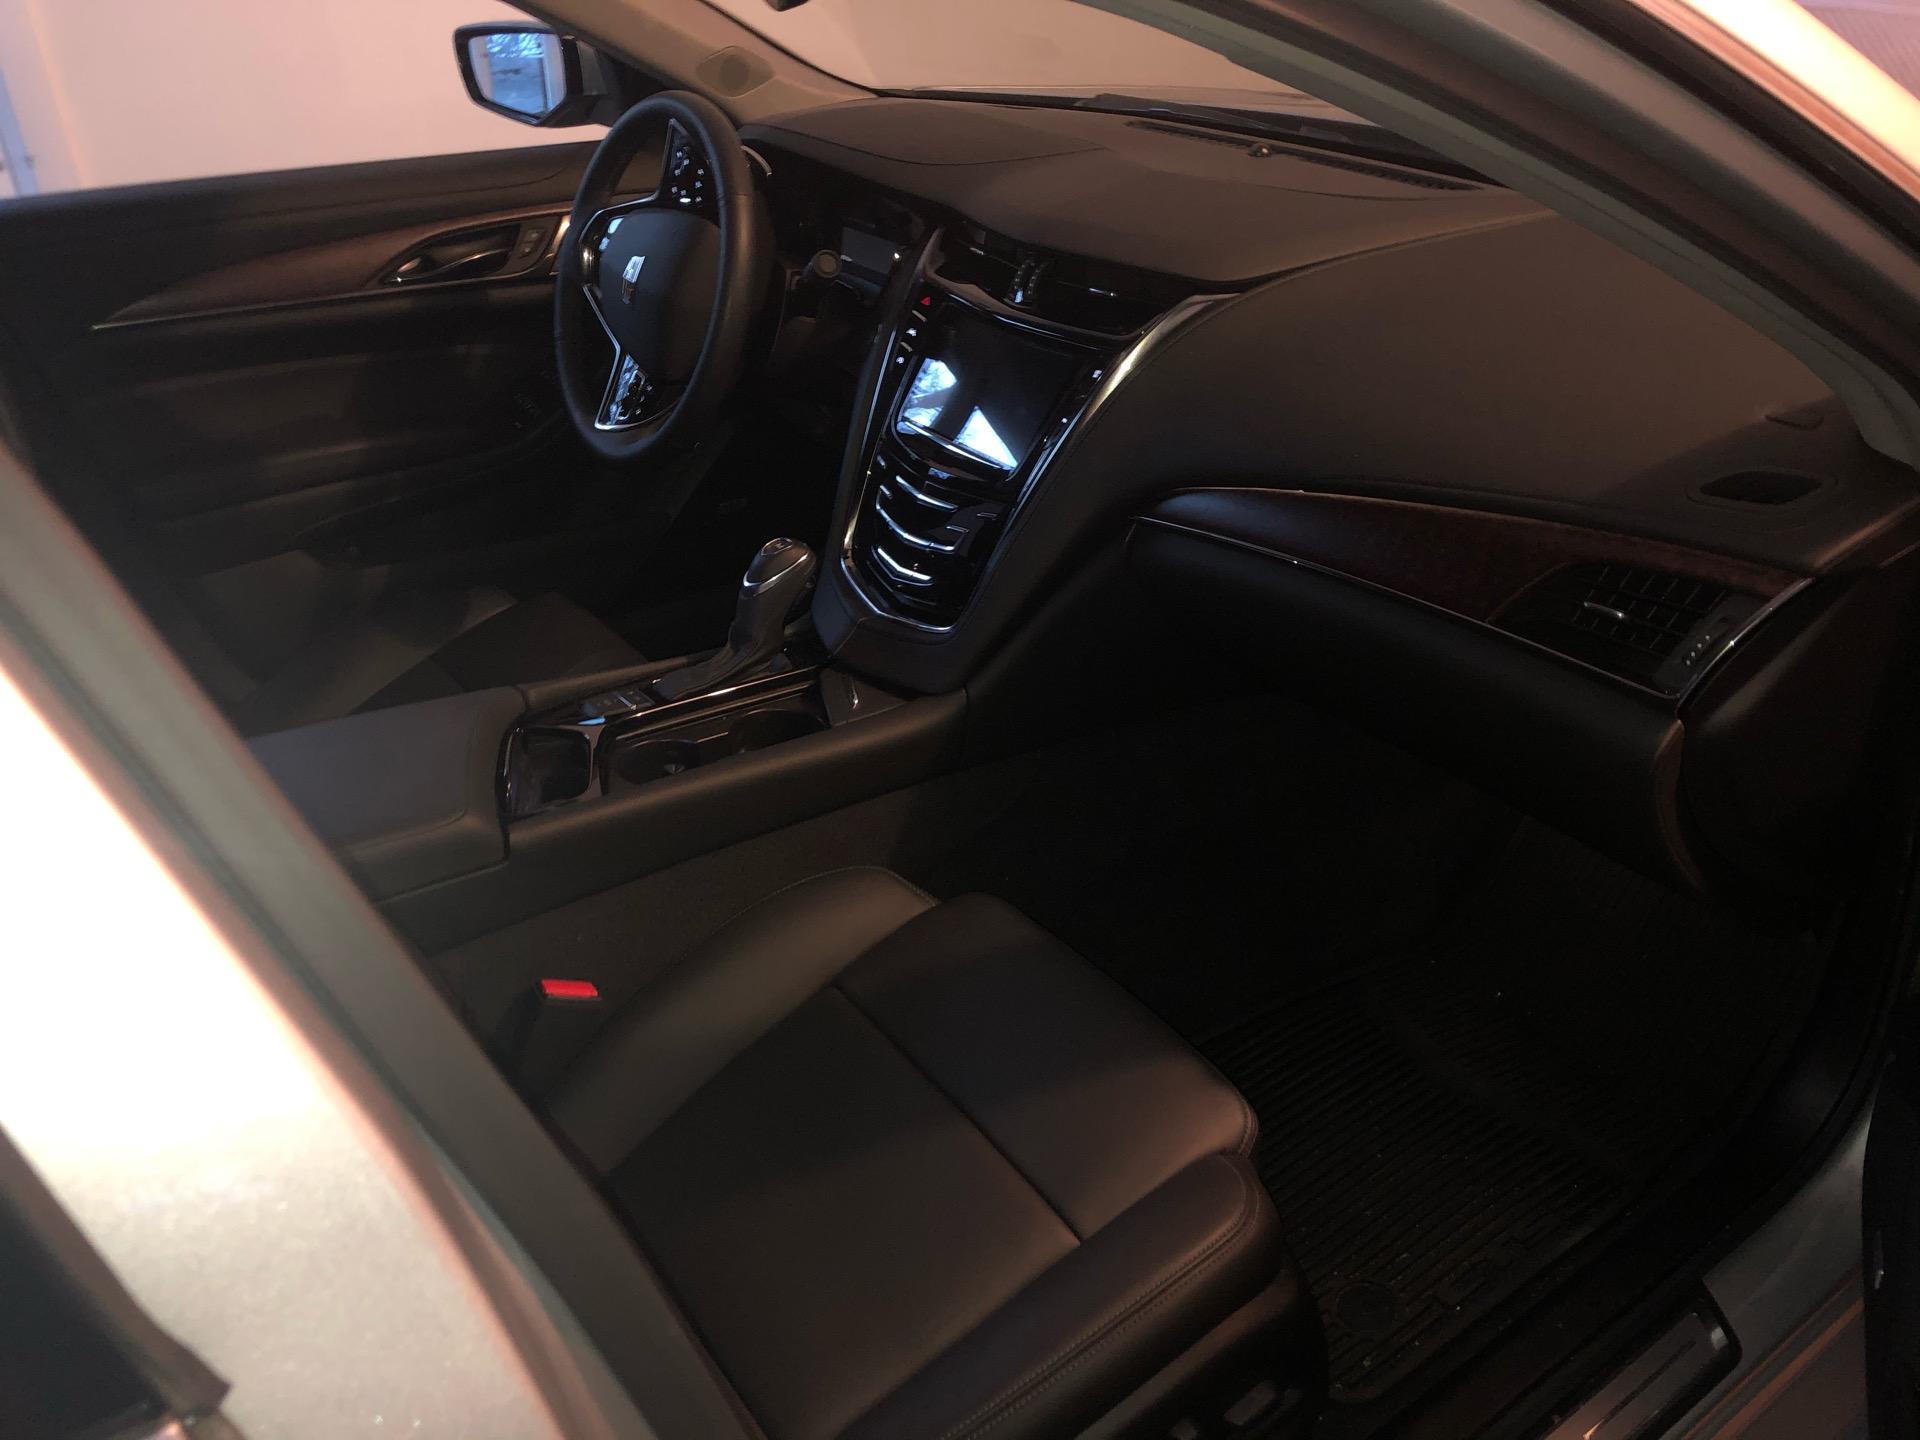 2019 Cadillac CTS - photo 7